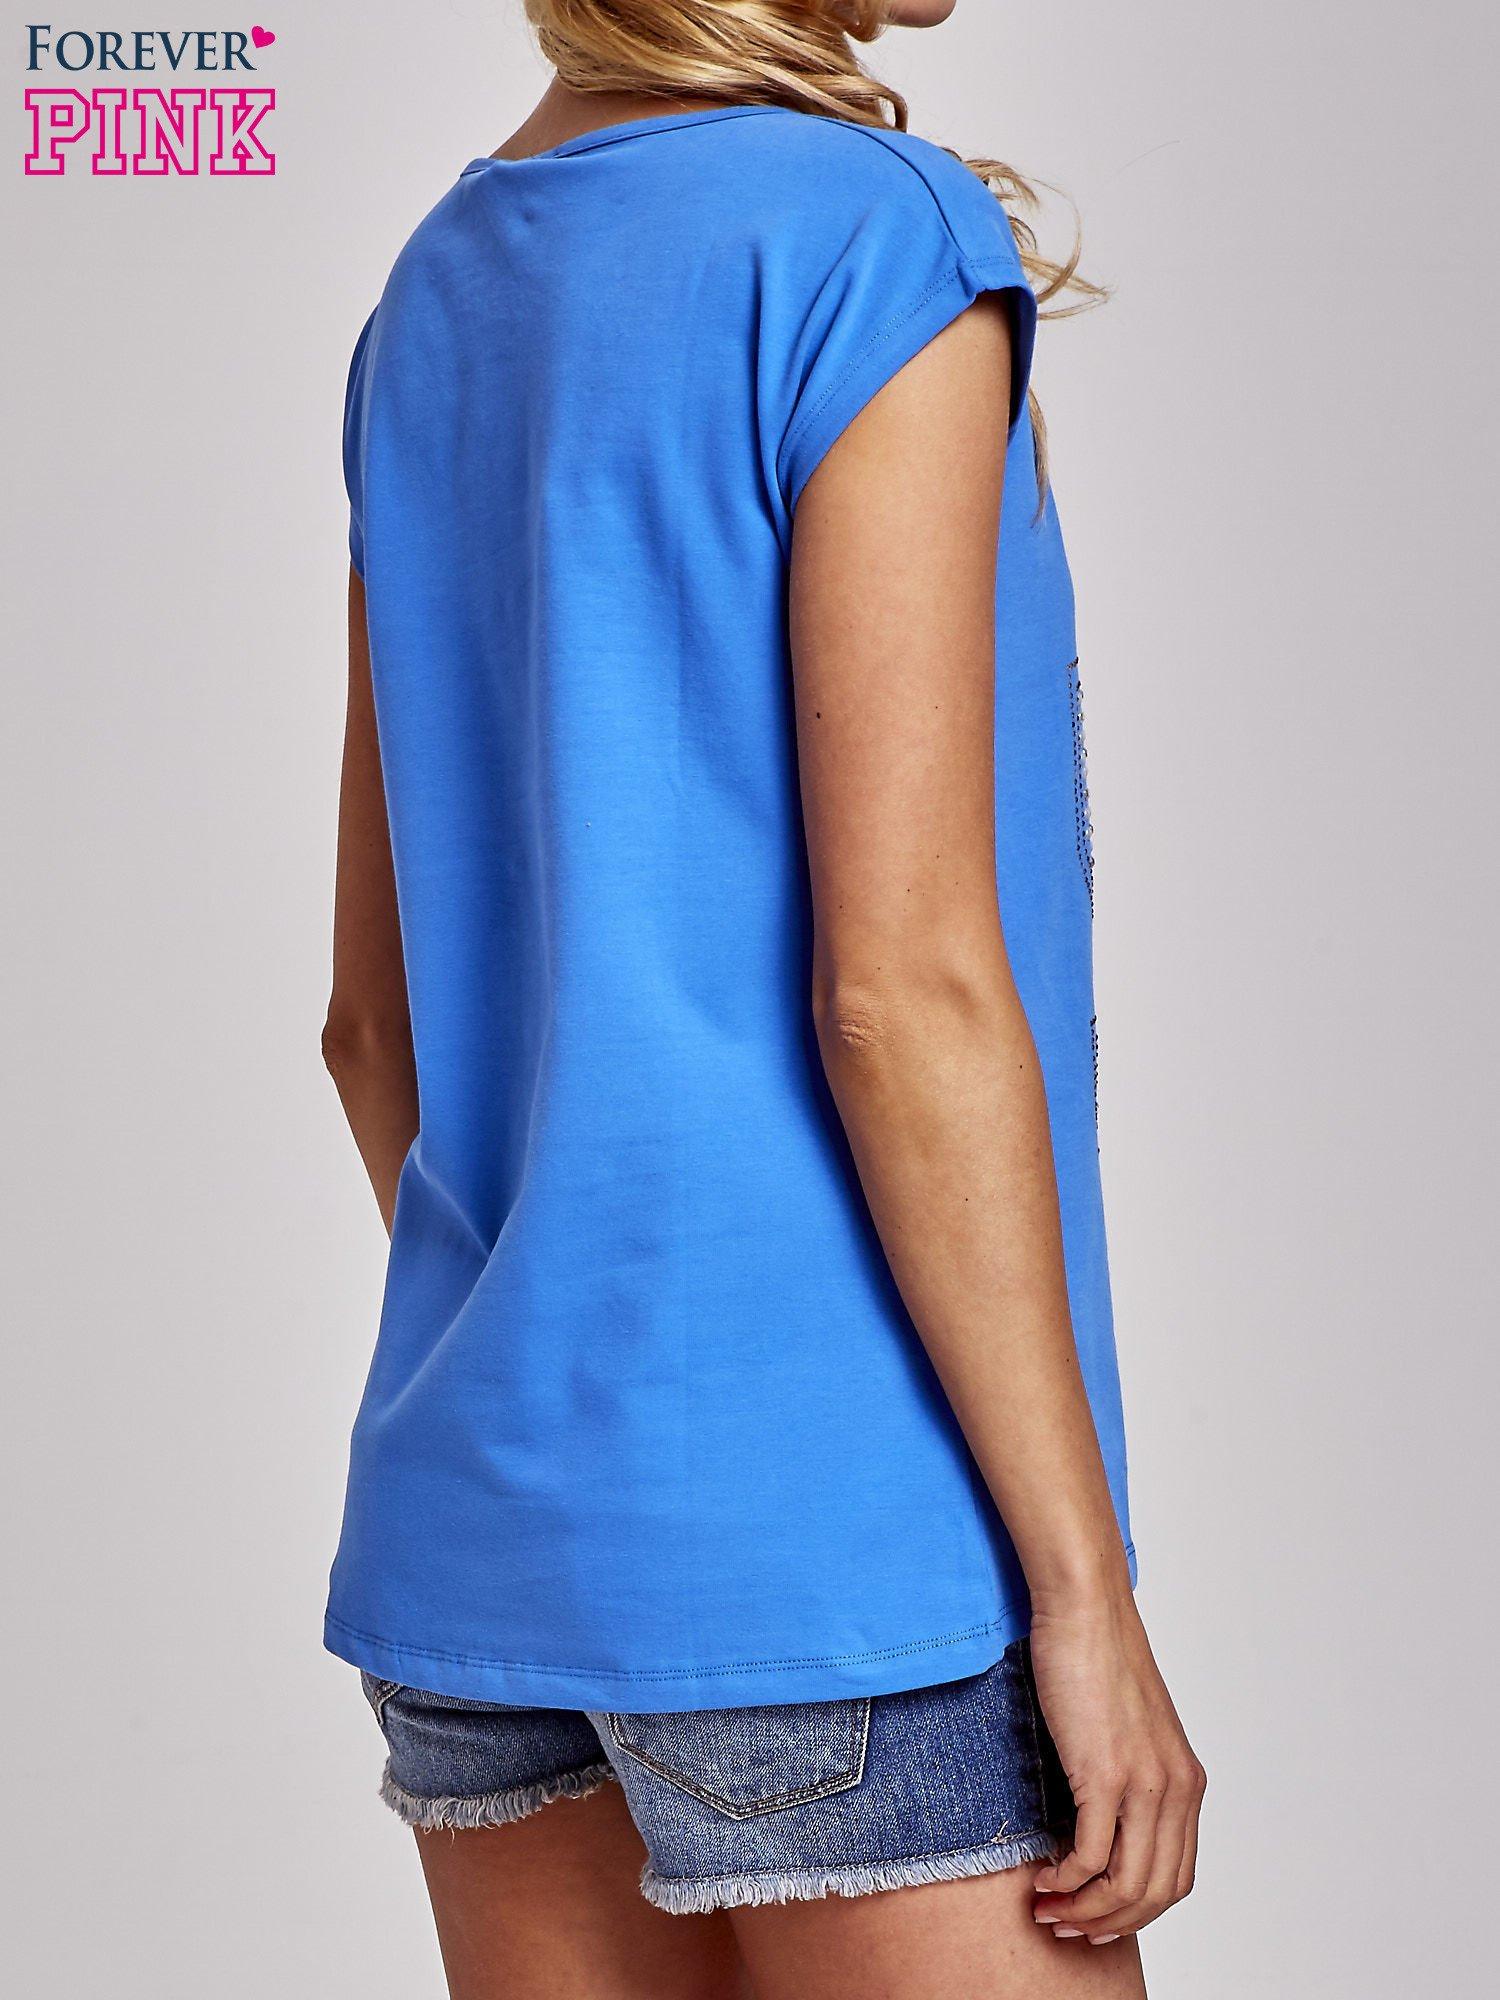 Niebieski t-shirt z numerem 58 z dżetów                                  zdj.                                  4